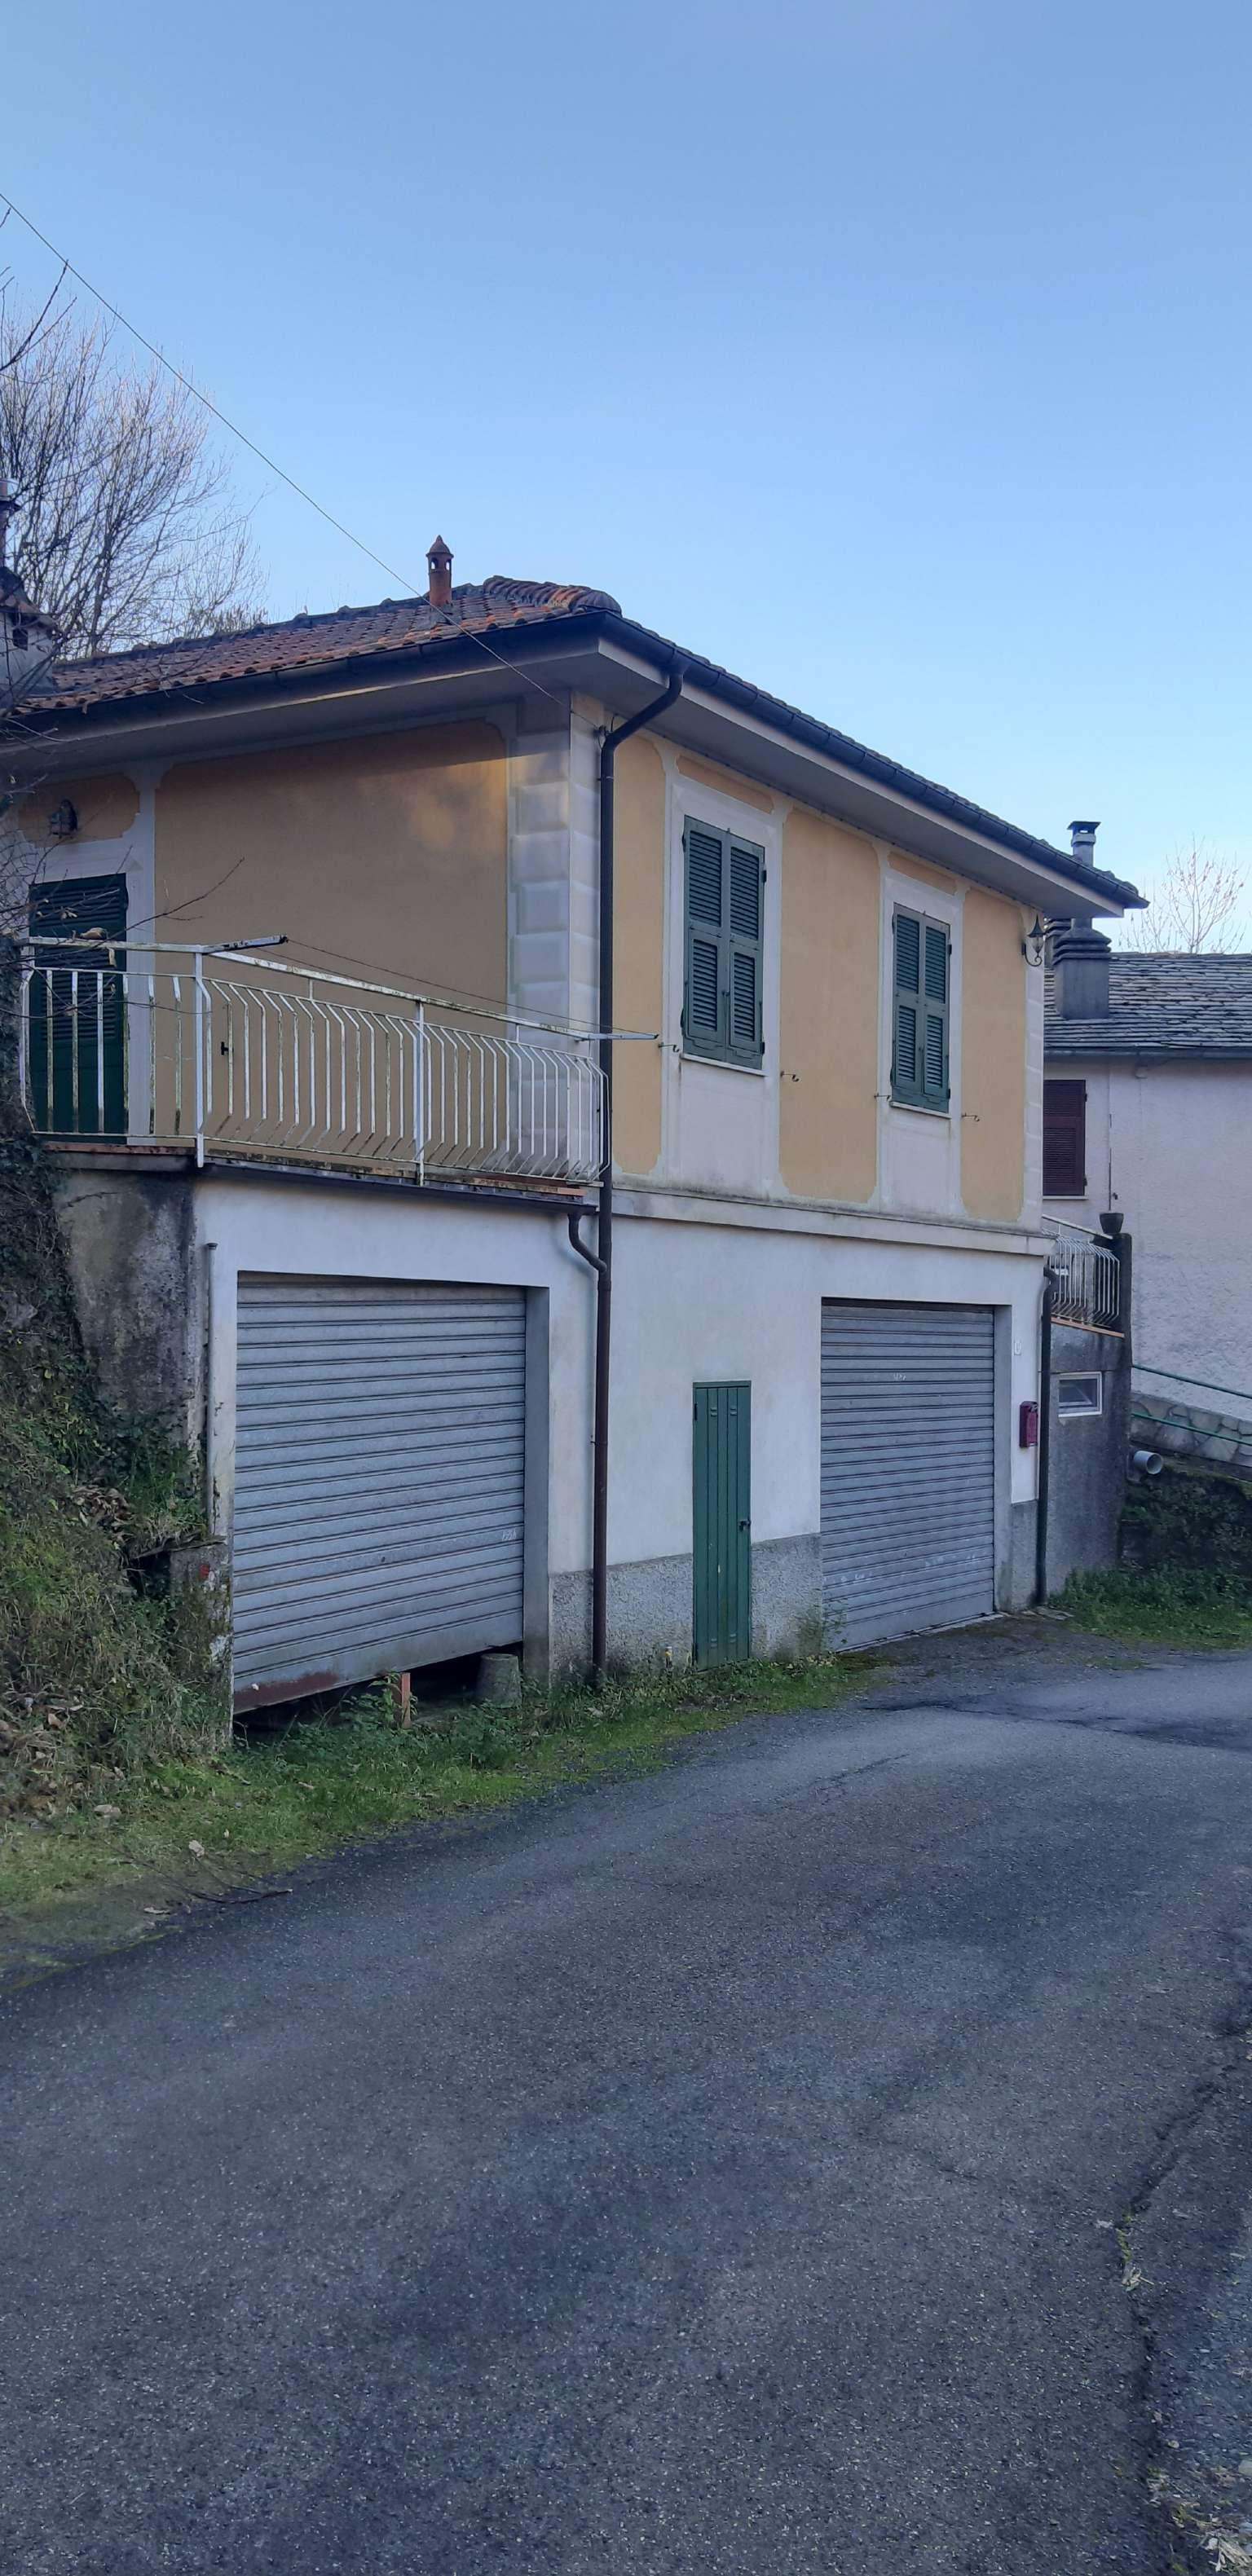 Soluzione Indipendente in vendita a Neirone, 4 locali, prezzo € 40.000 | PortaleAgenzieImmobiliari.it